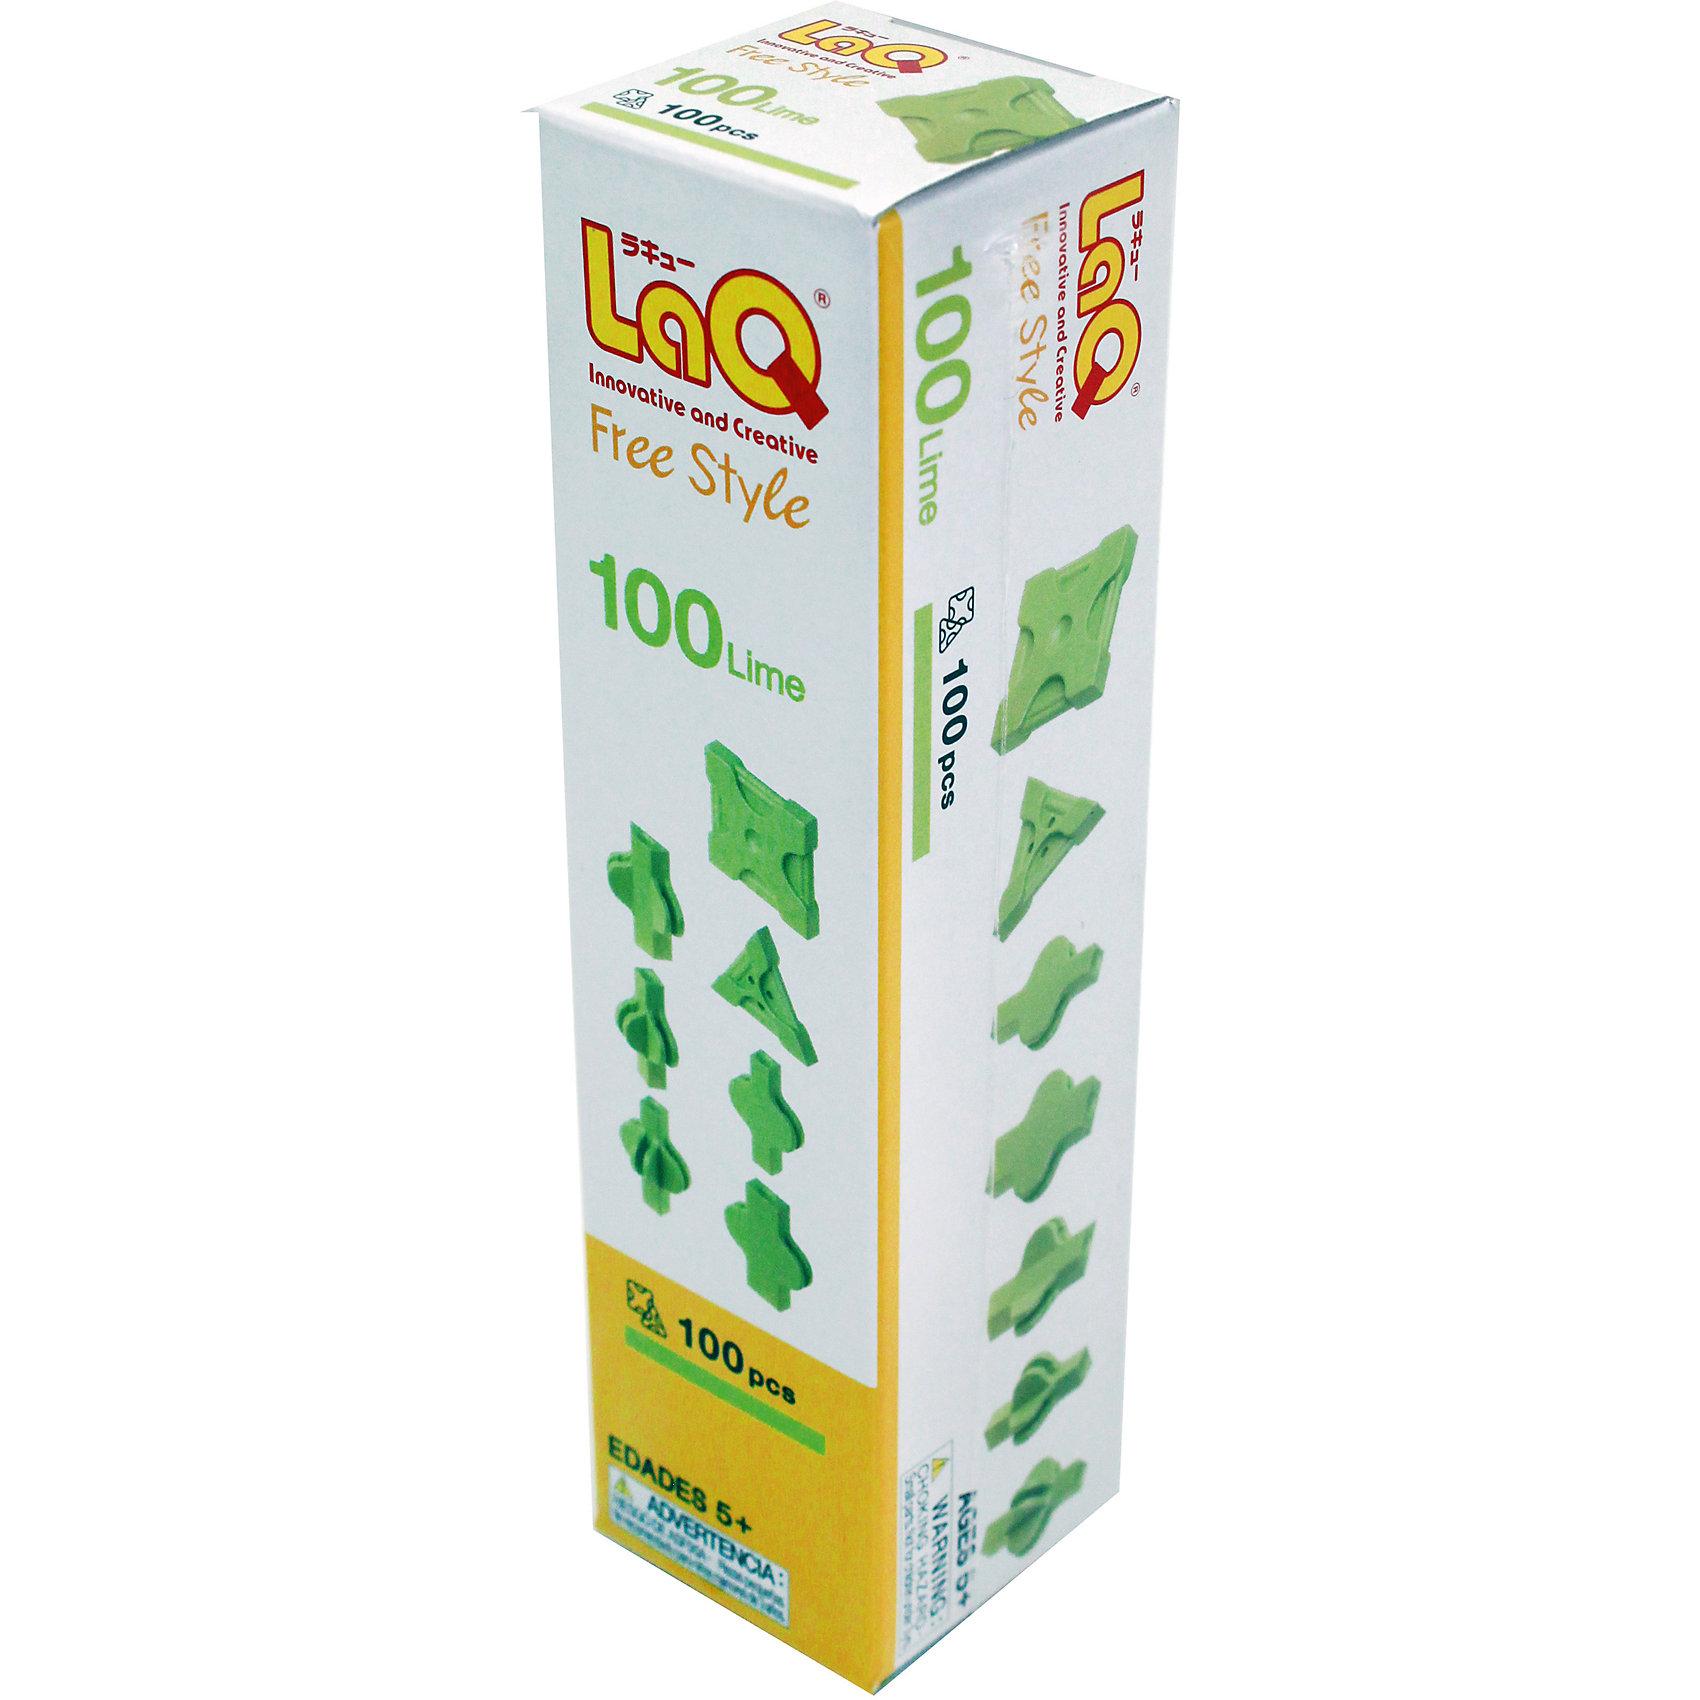 Конструктор 100 Lime, 100 деталей, LaQКонструктор 100 Lime содержит сто деталей необычной формы, имеющие необычные крепления, которые позволят собирать детали как прямо, так и с наклоном. Конструктор зеленого цвета можно использовать отдельно или как дополнение к другим конструкторам LaQ. Игры с конструктором отлично развивают воображение, мелкую моторику и усидчивость. С таким замечательным конструктором ребенок проведет время с удовольствием!<br><br>Дополнительная информация:<br>Материал: пластик<br>В наборе: 100 деталей зеленого цвета<br>Размер: 16х40х40 см<br>Конструктор 100 Lime вы можете купить в нашем интернет-магазине.<br><br>Ширина мм: 162<br>Глубина мм: 40<br>Высота мм: 40<br>Вес г: 61<br>Возраст от месяцев: 60<br>Возраст до месяцев: 1188<br>Пол: Унисекс<br>Возраст: Детский<br>SKU: 4944572